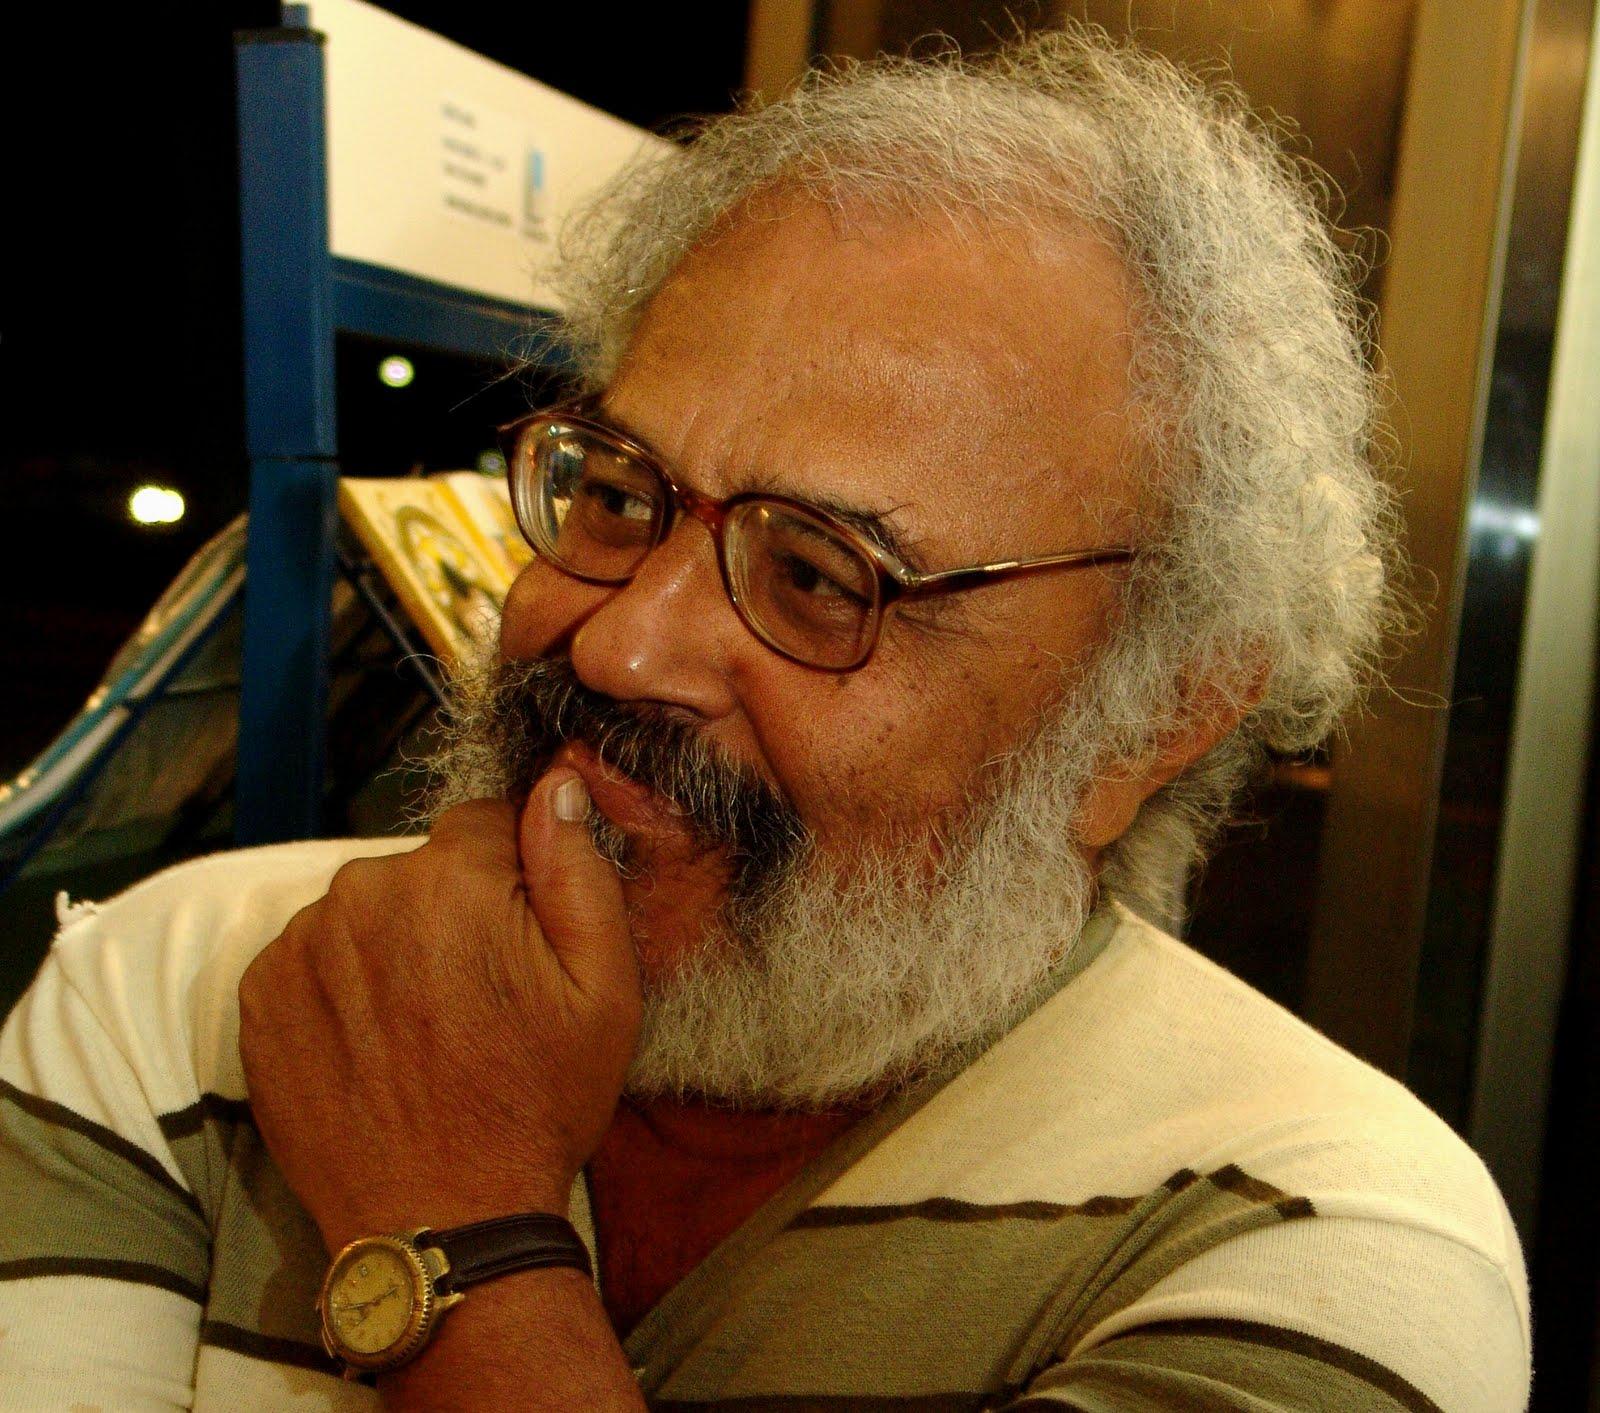 Jorge de Souza Araújo